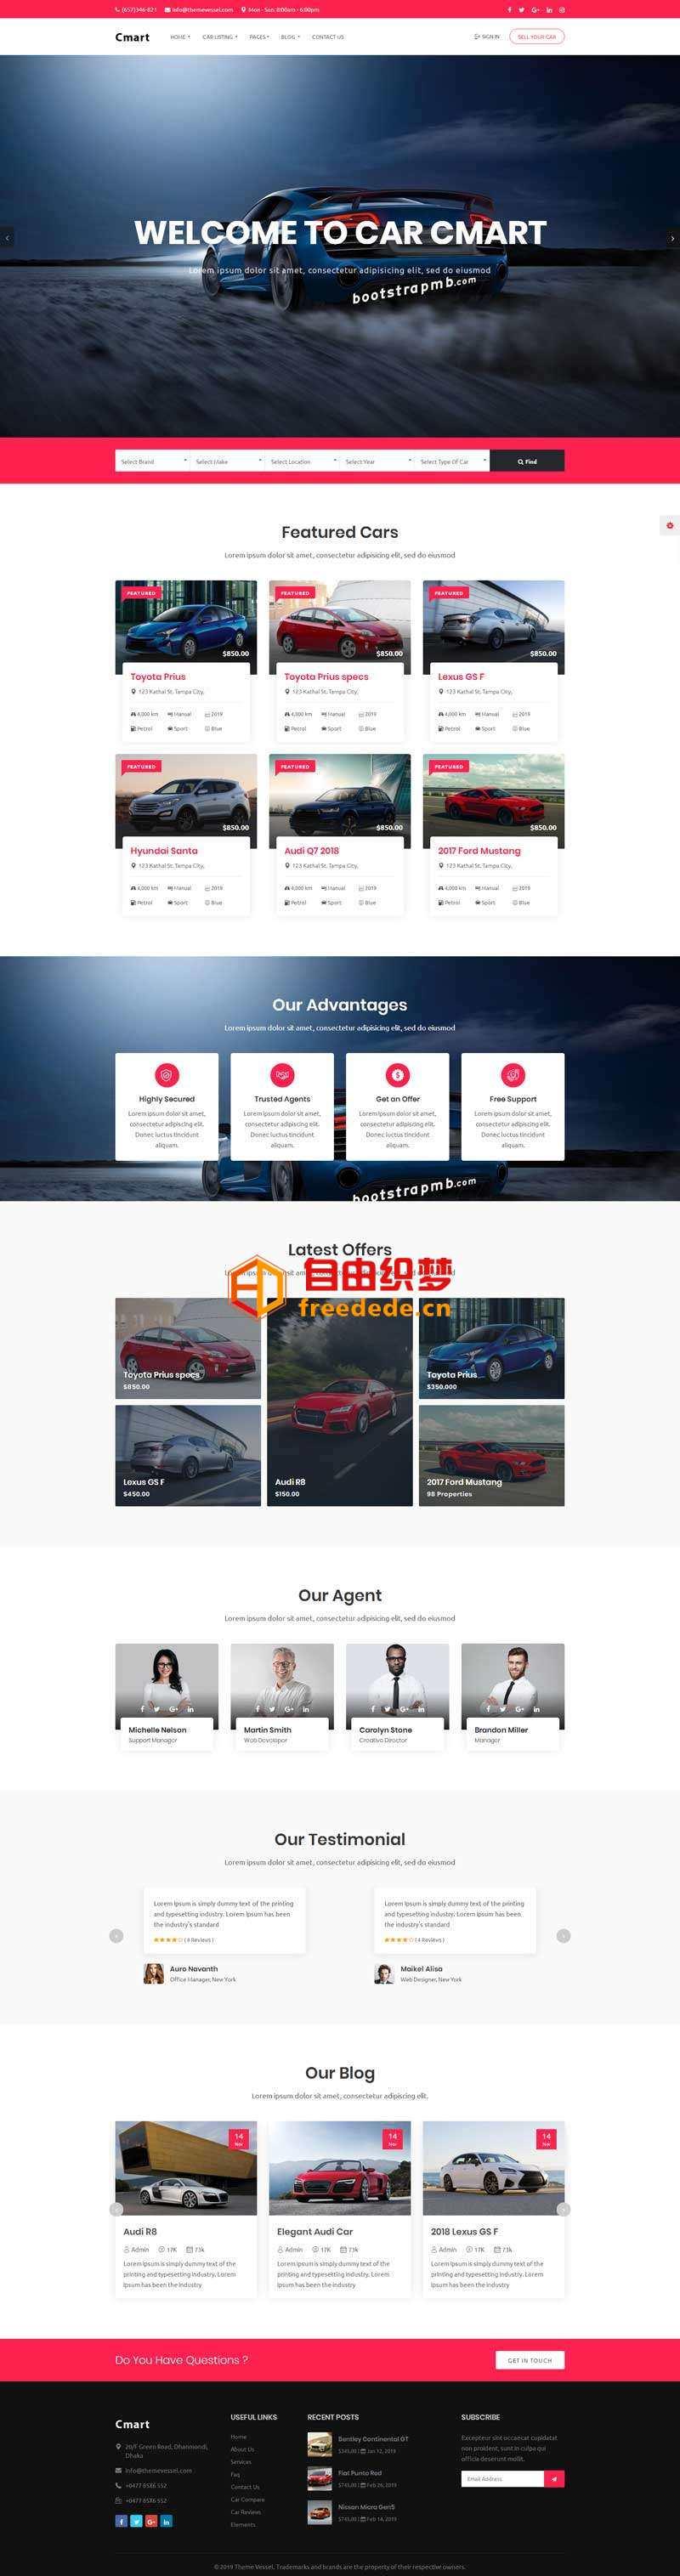 爱上源码网文章大气的汽车租赁服务平台网页模板的内容插图